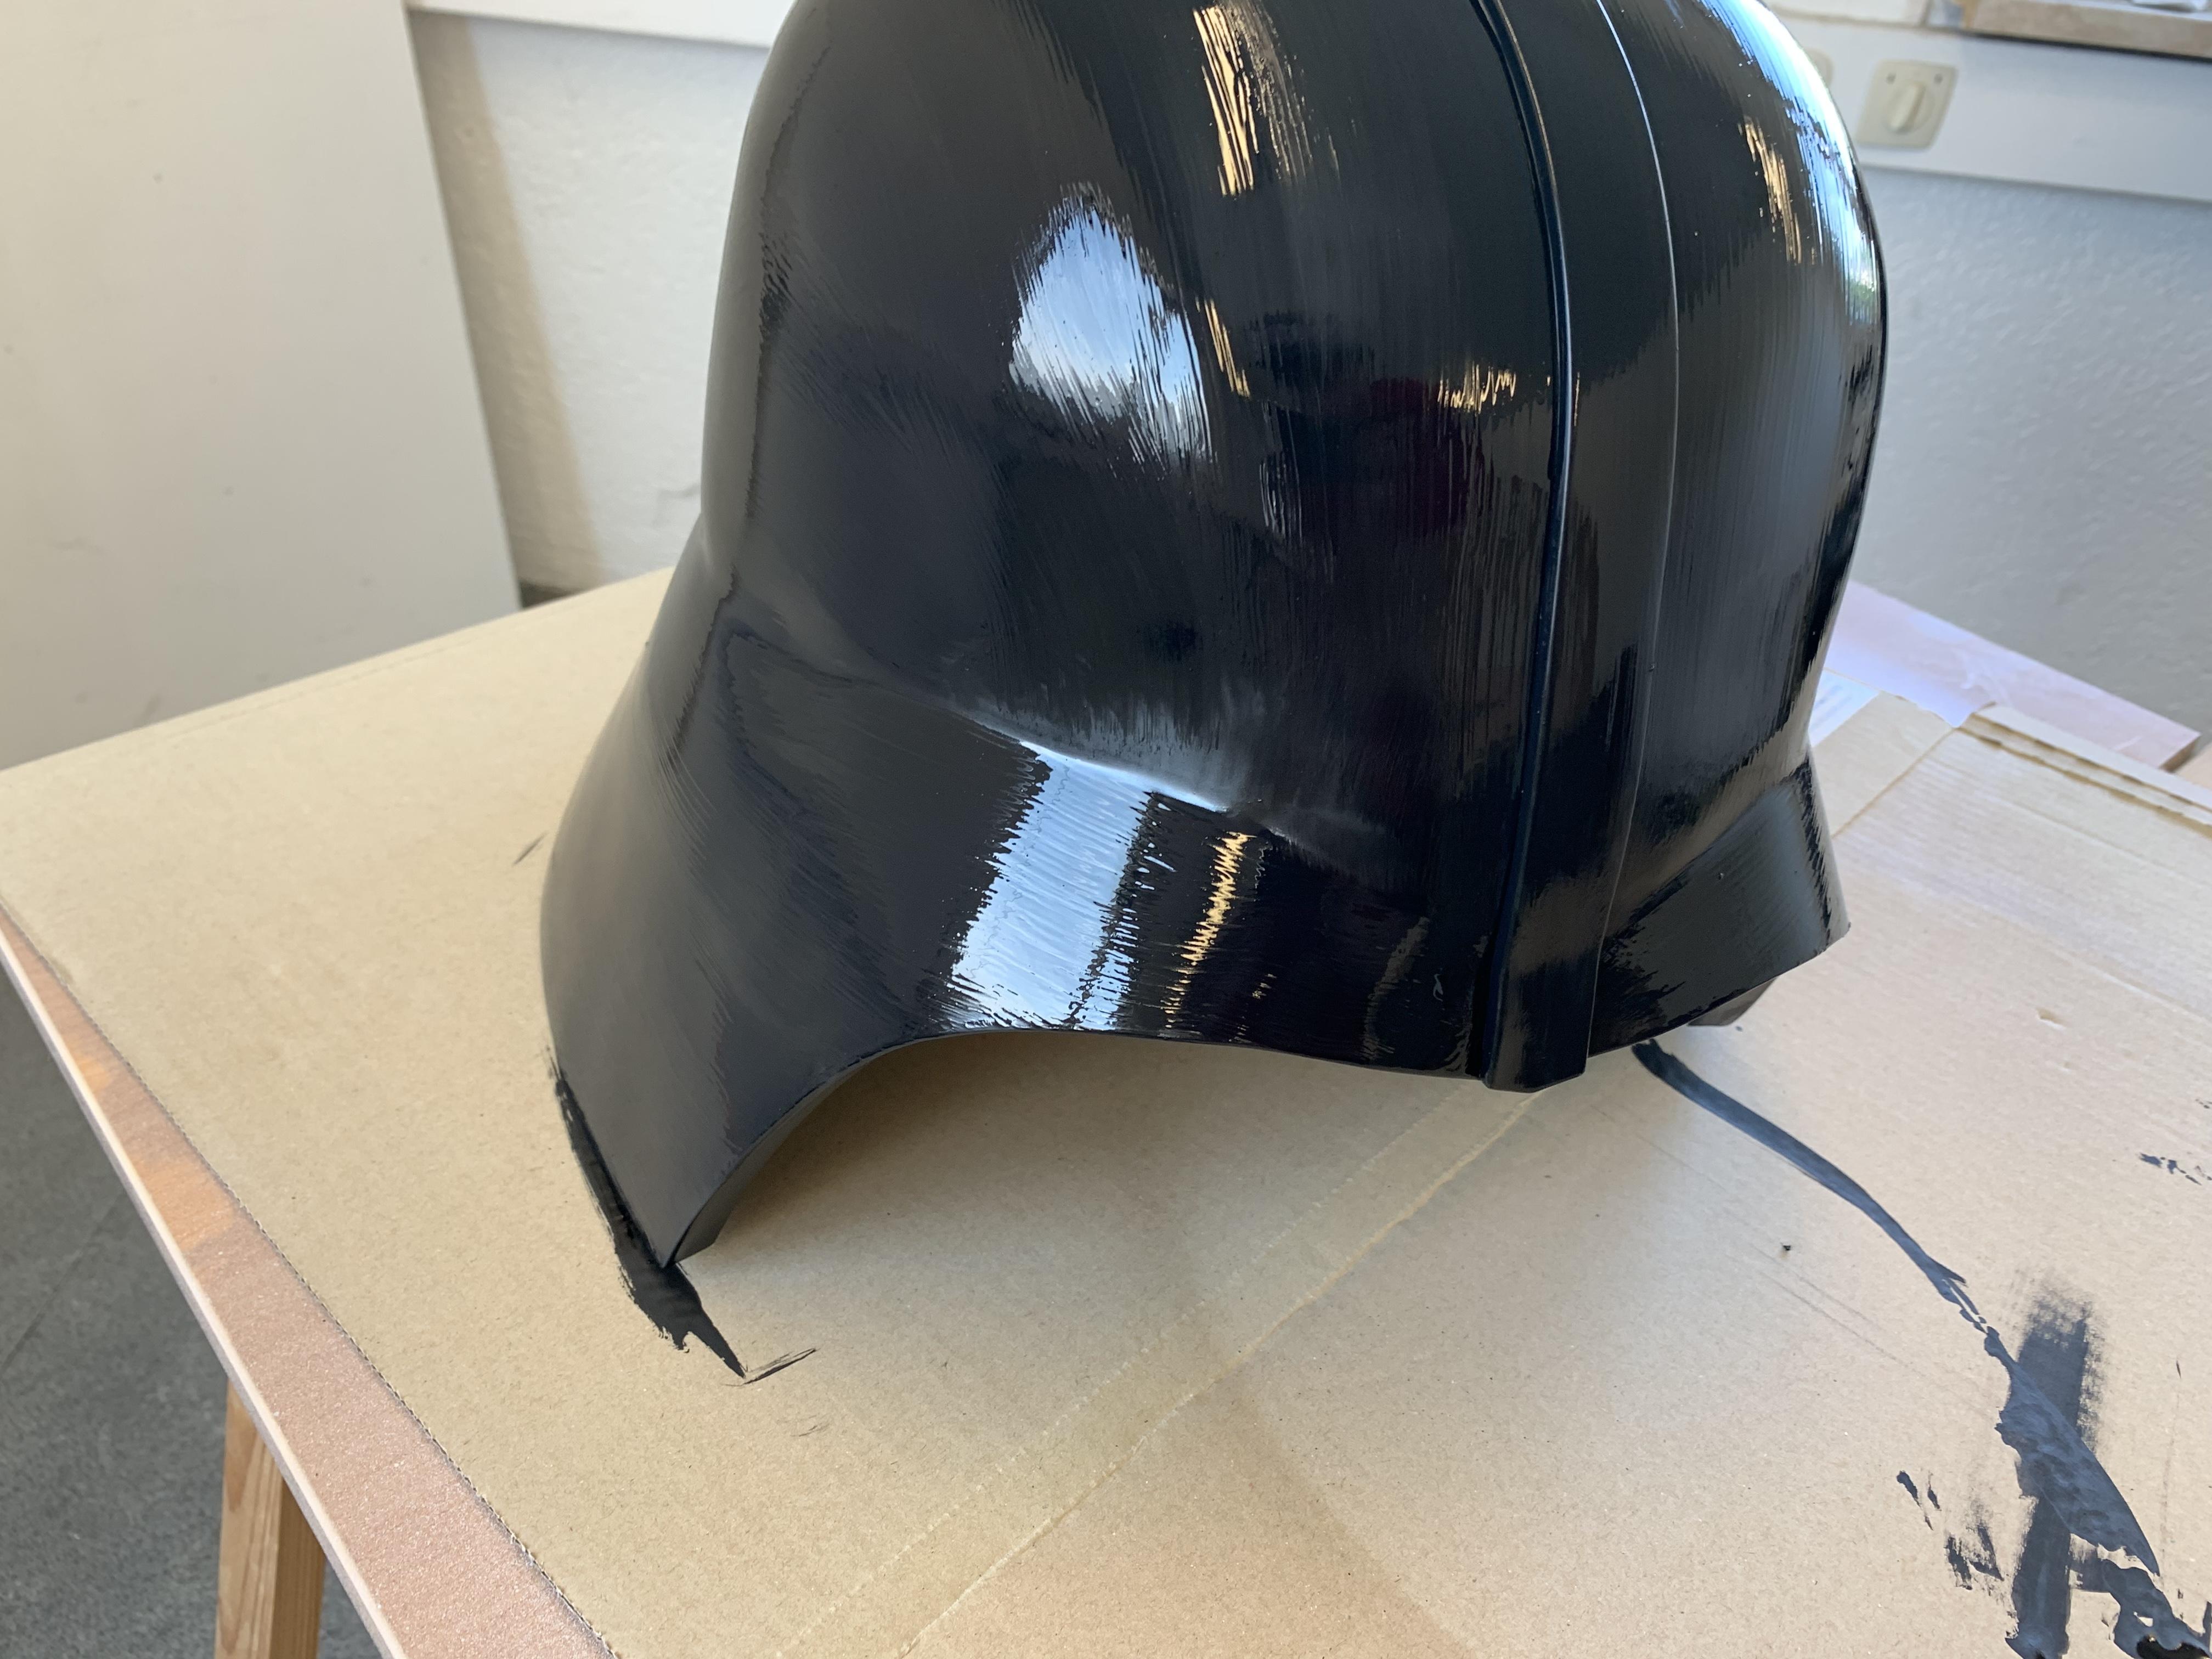 s438647550.online.de/PICS/0719_Helmet_5.JPG